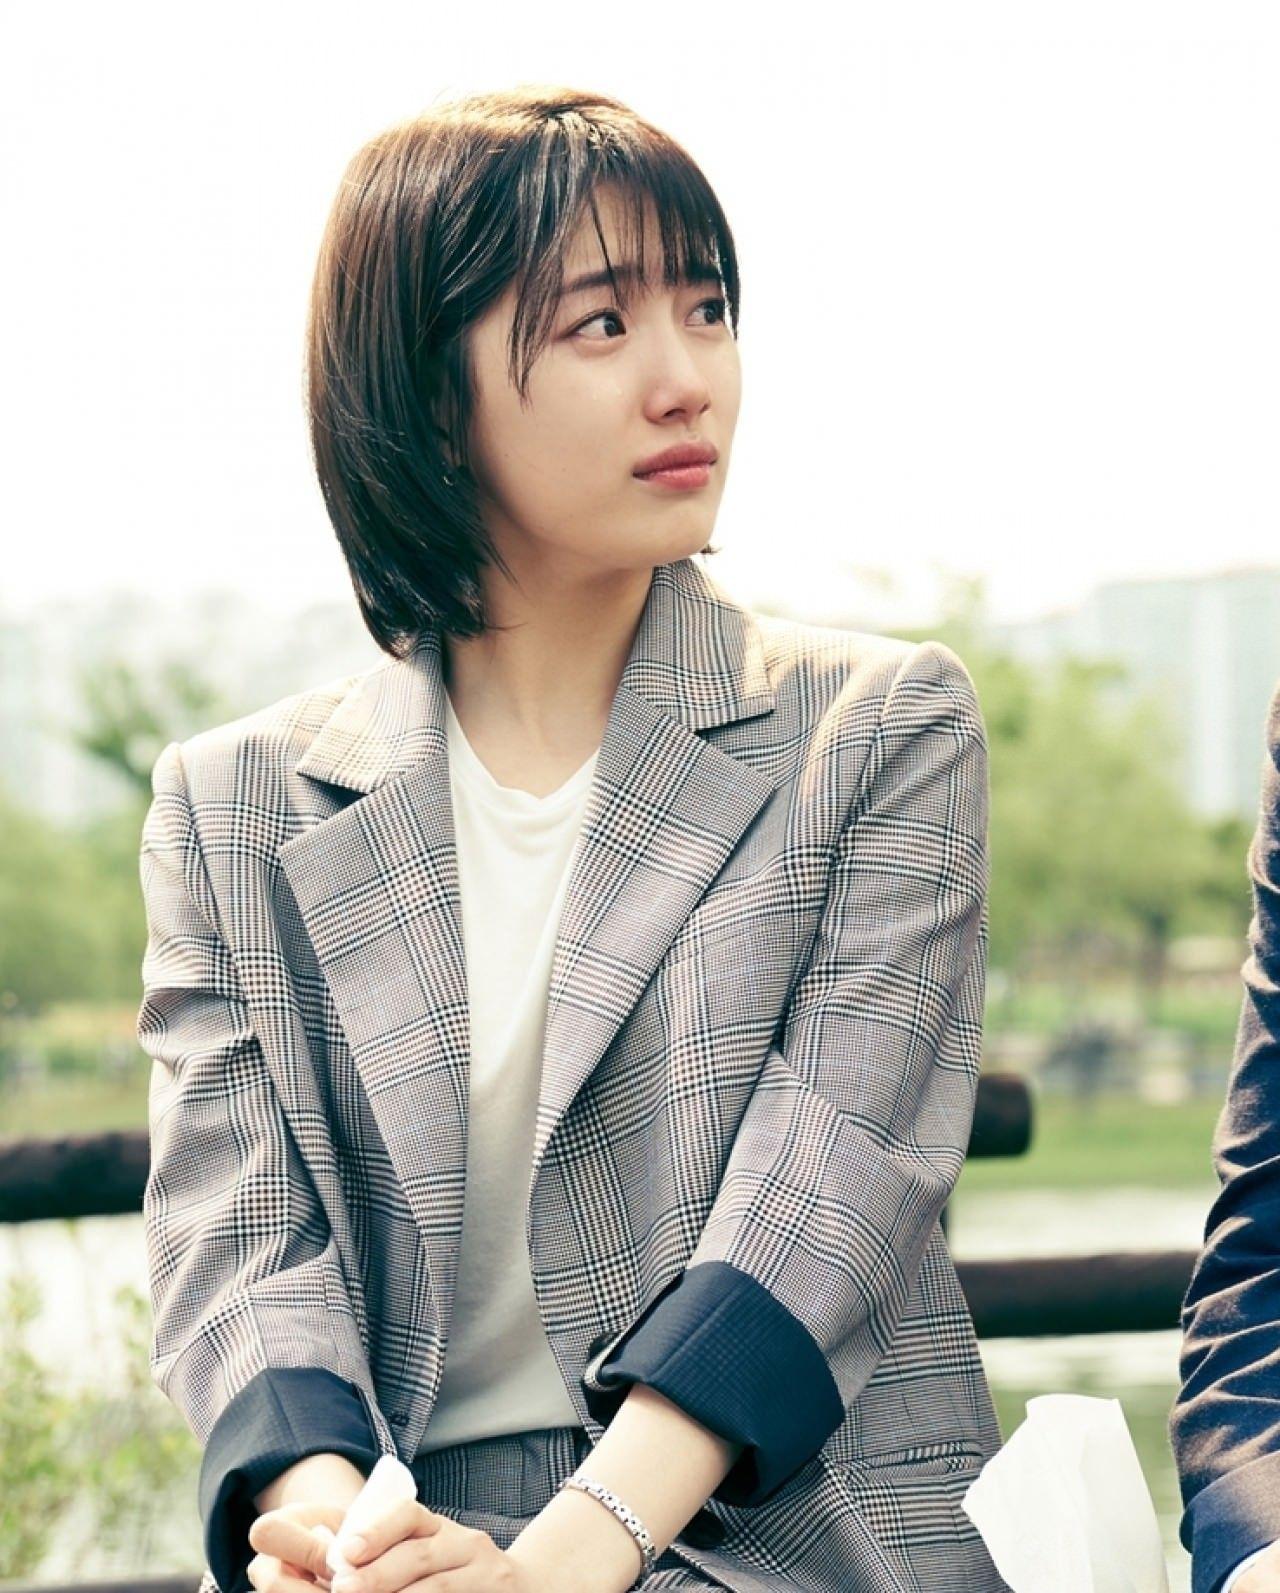 3 kiểu blazer sao Hàn hay diện trong phim, đã đẹp tinh tế còn không bao giờ lỗi mốt, nàng công sở rất nên học theo - Ảnh 7.